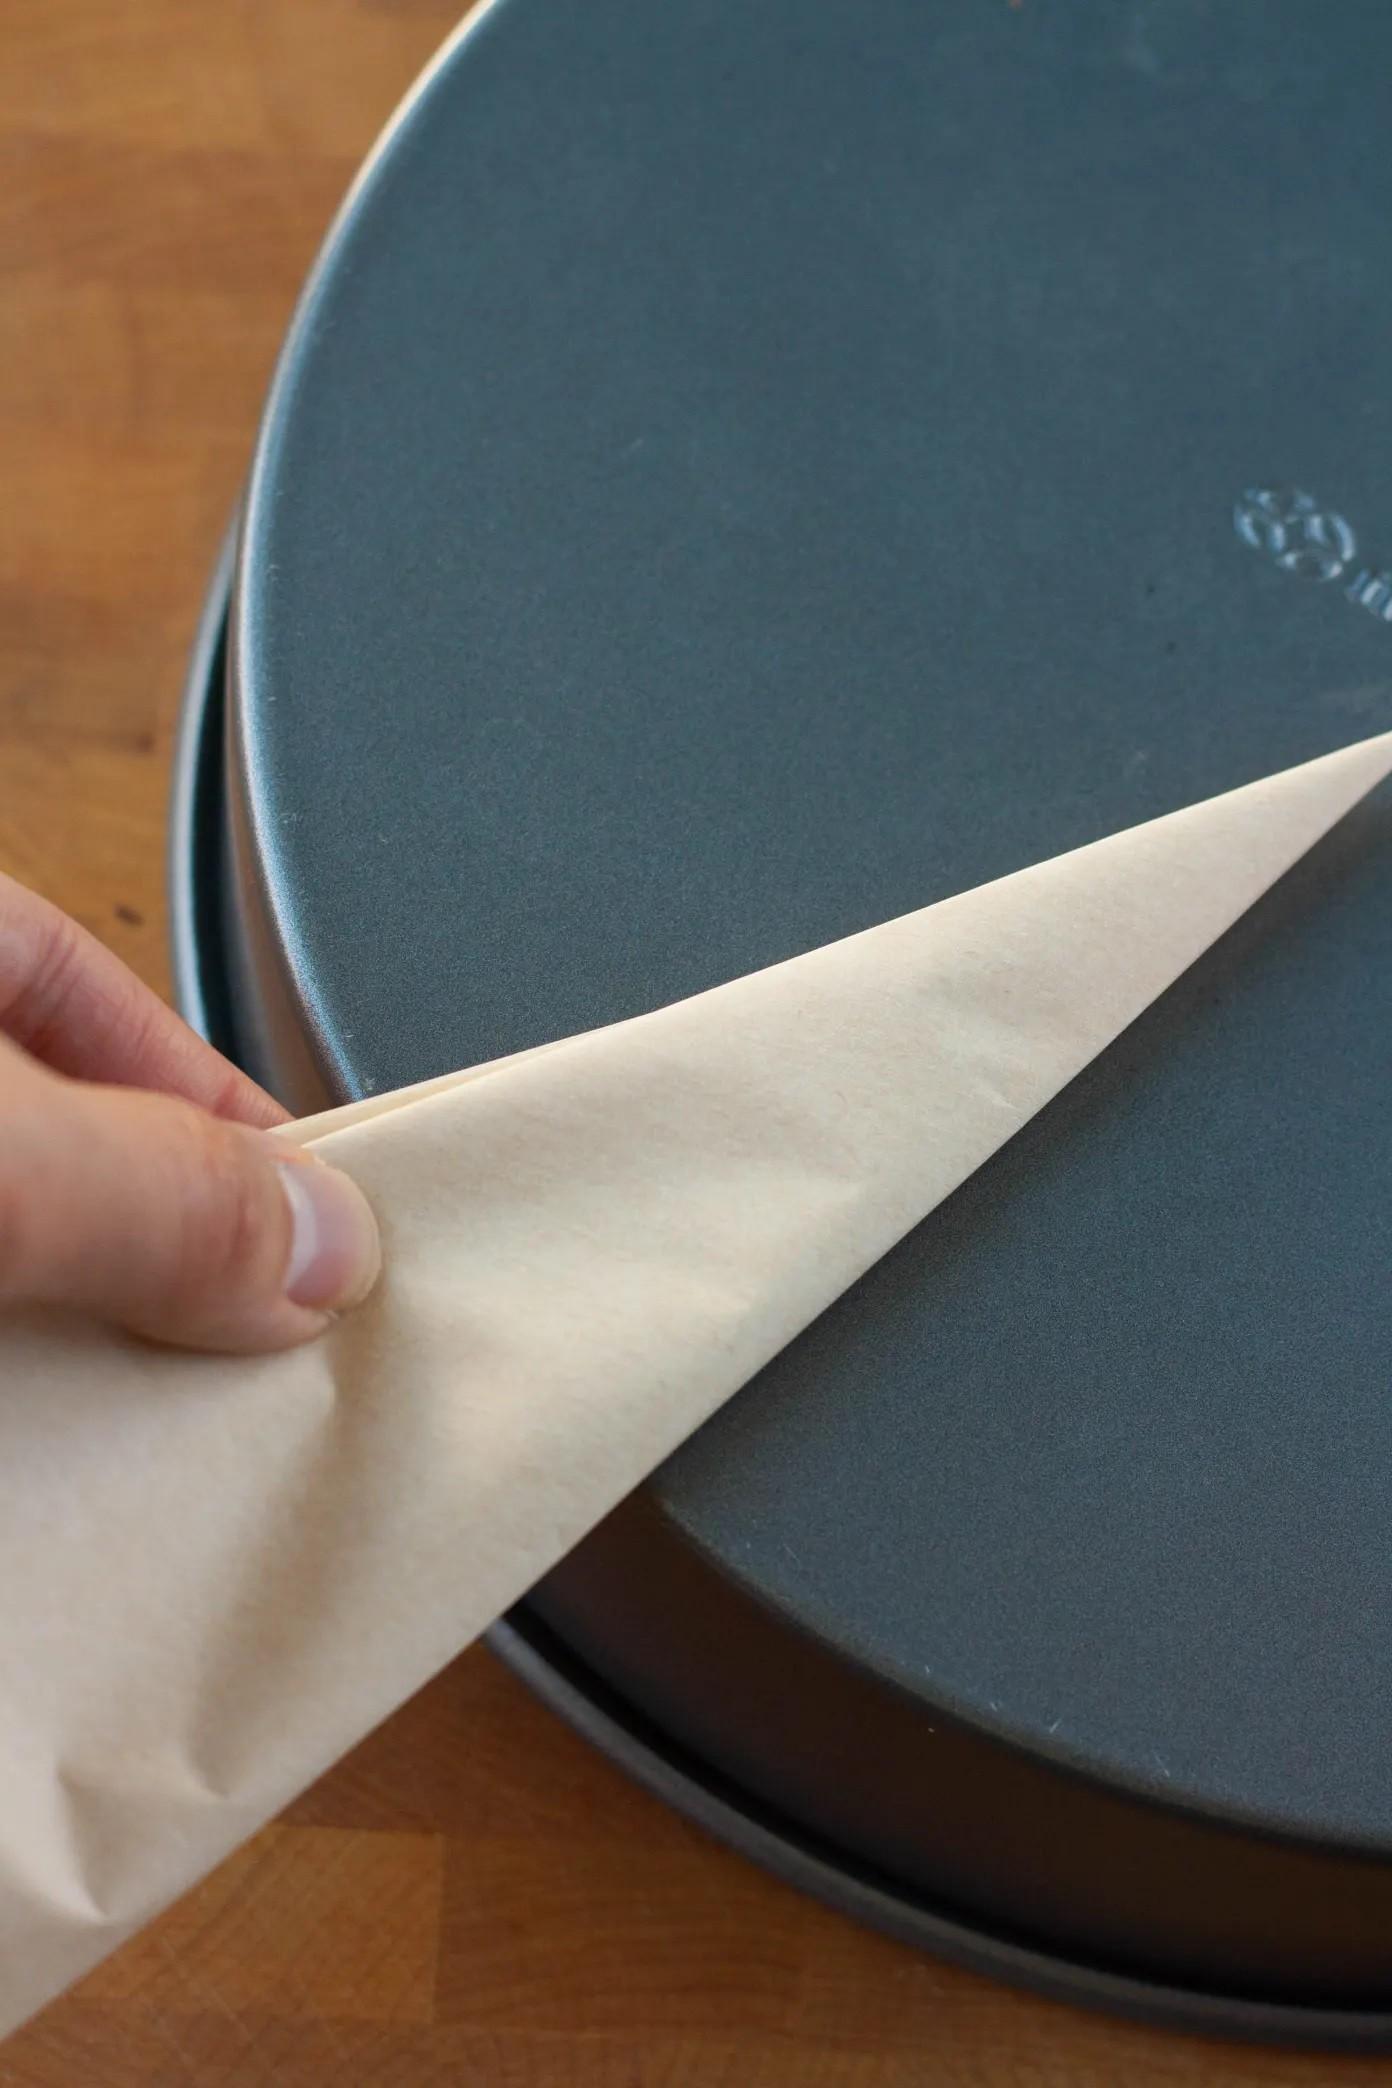 كيفية استخدام ورق الزبدة للكيك- ضعي الورق على الصينية